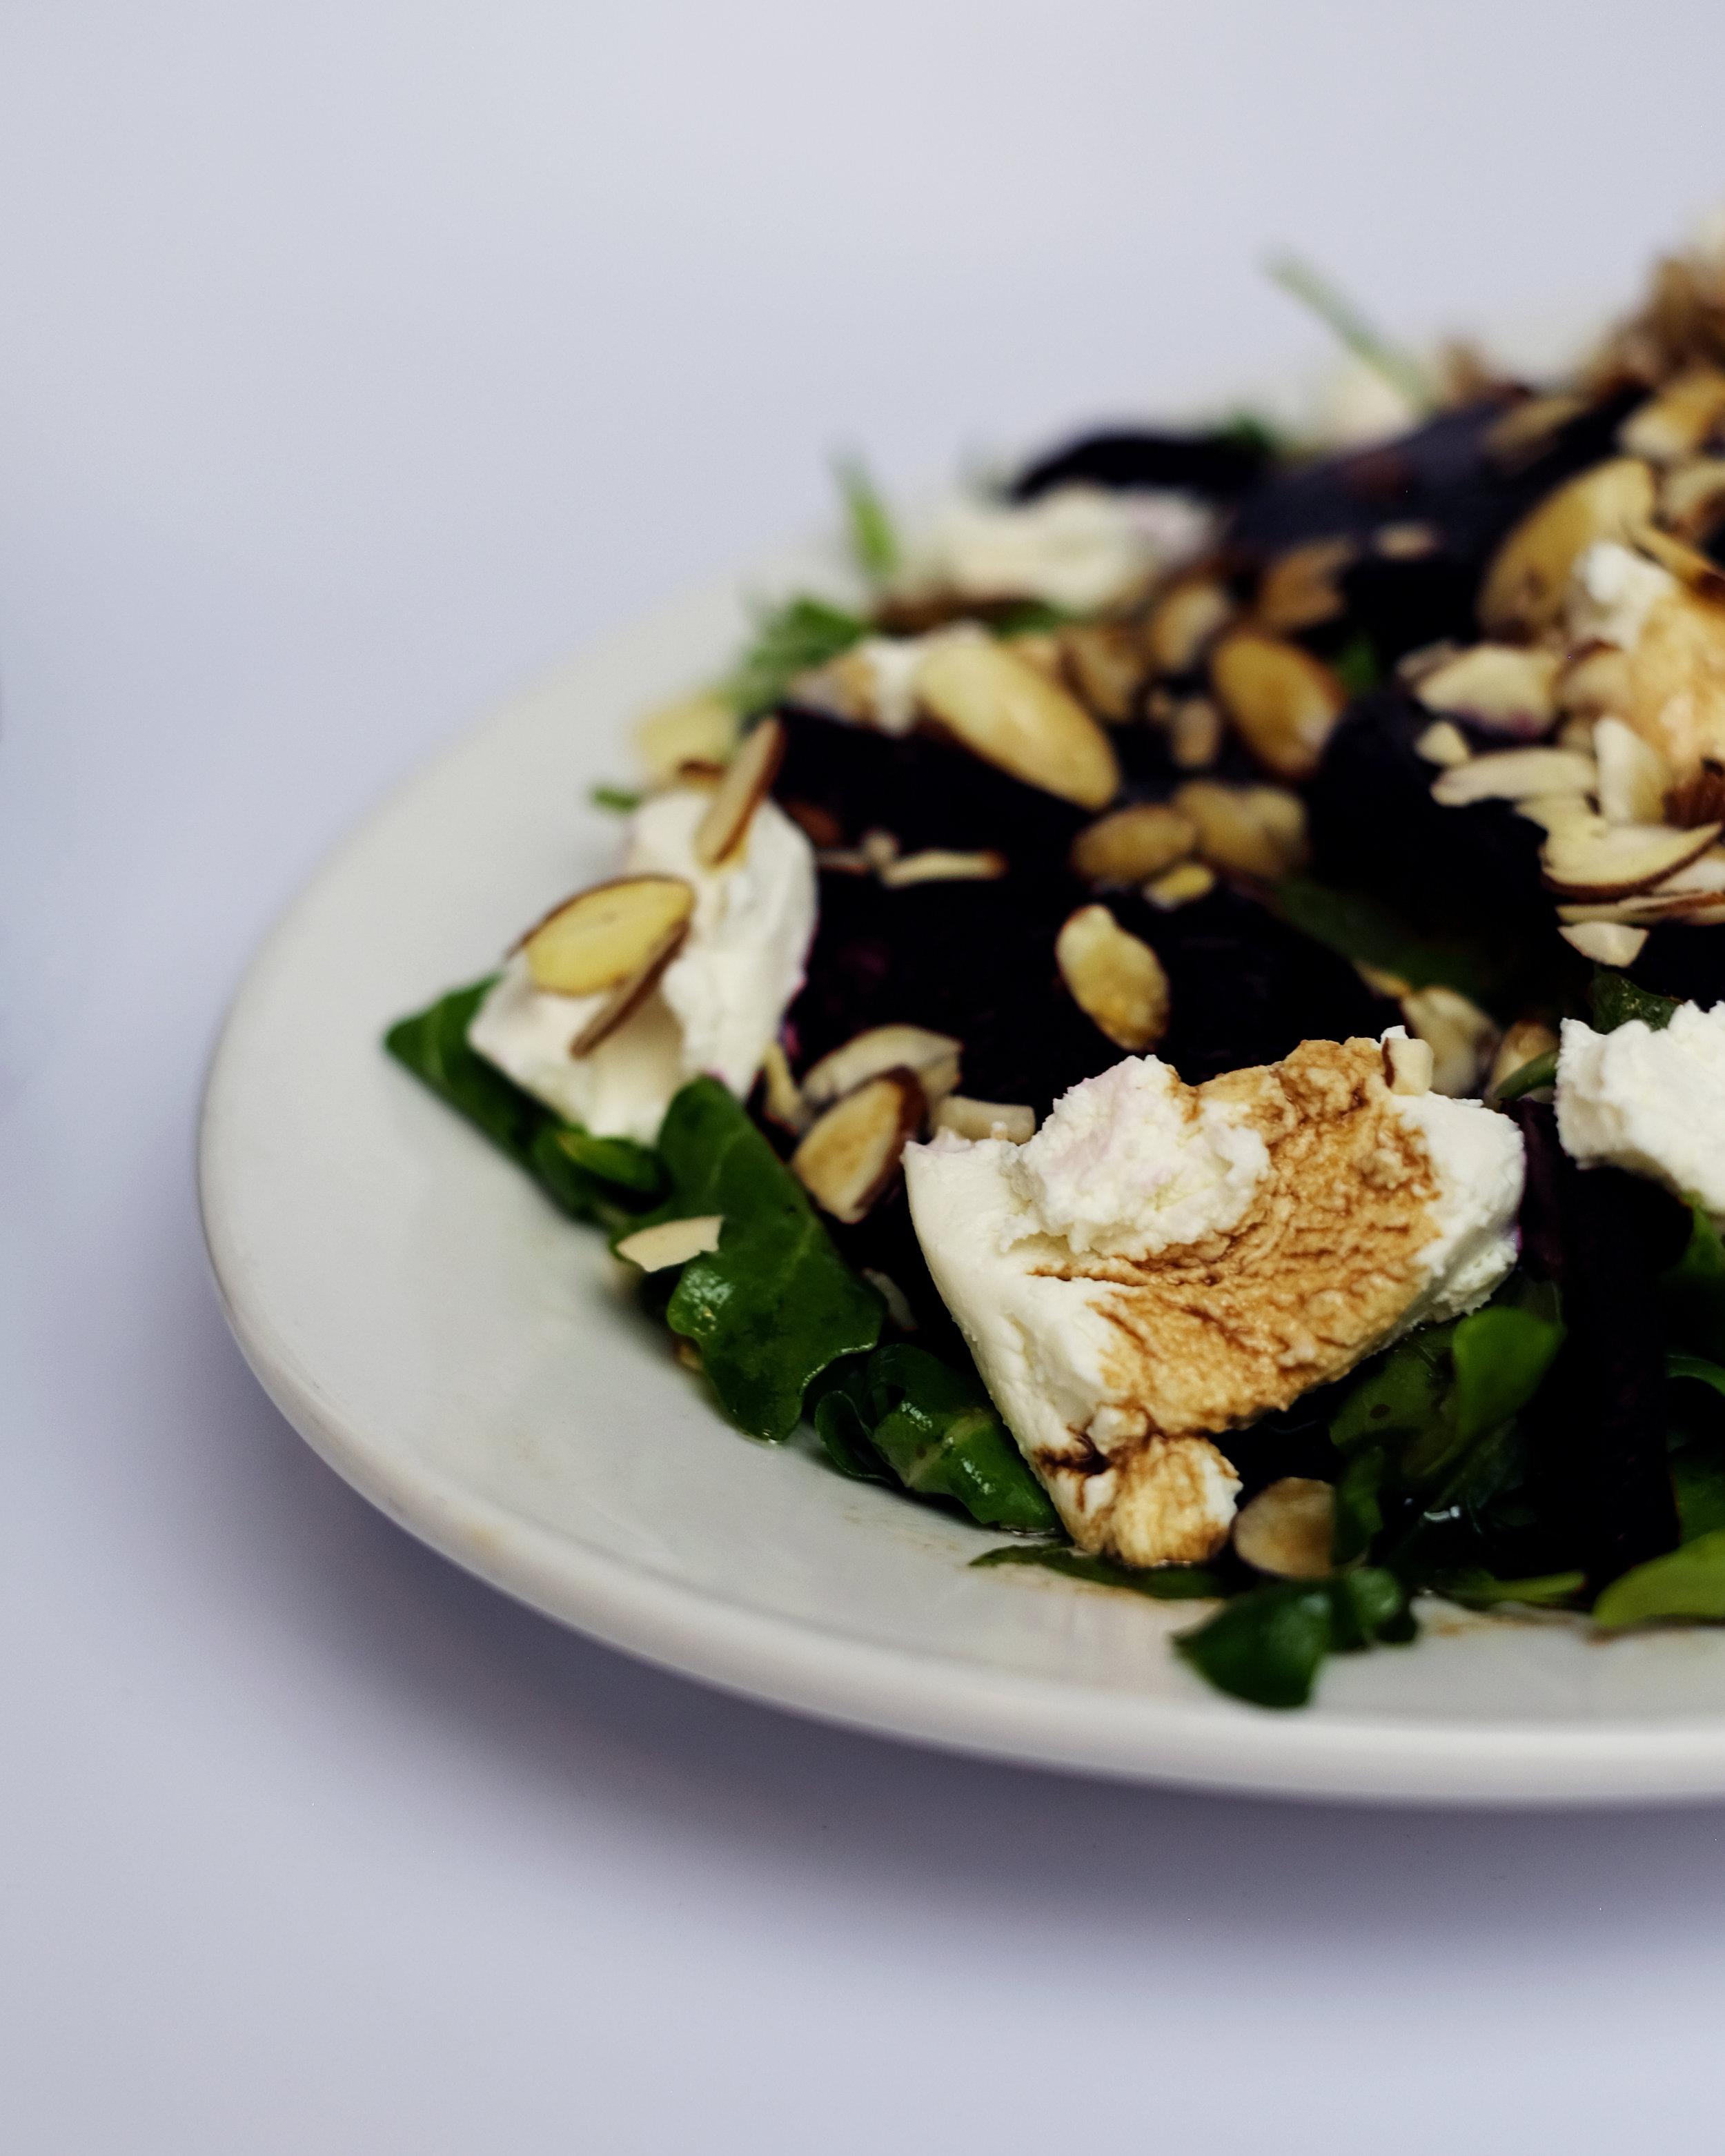 beet salad side plate